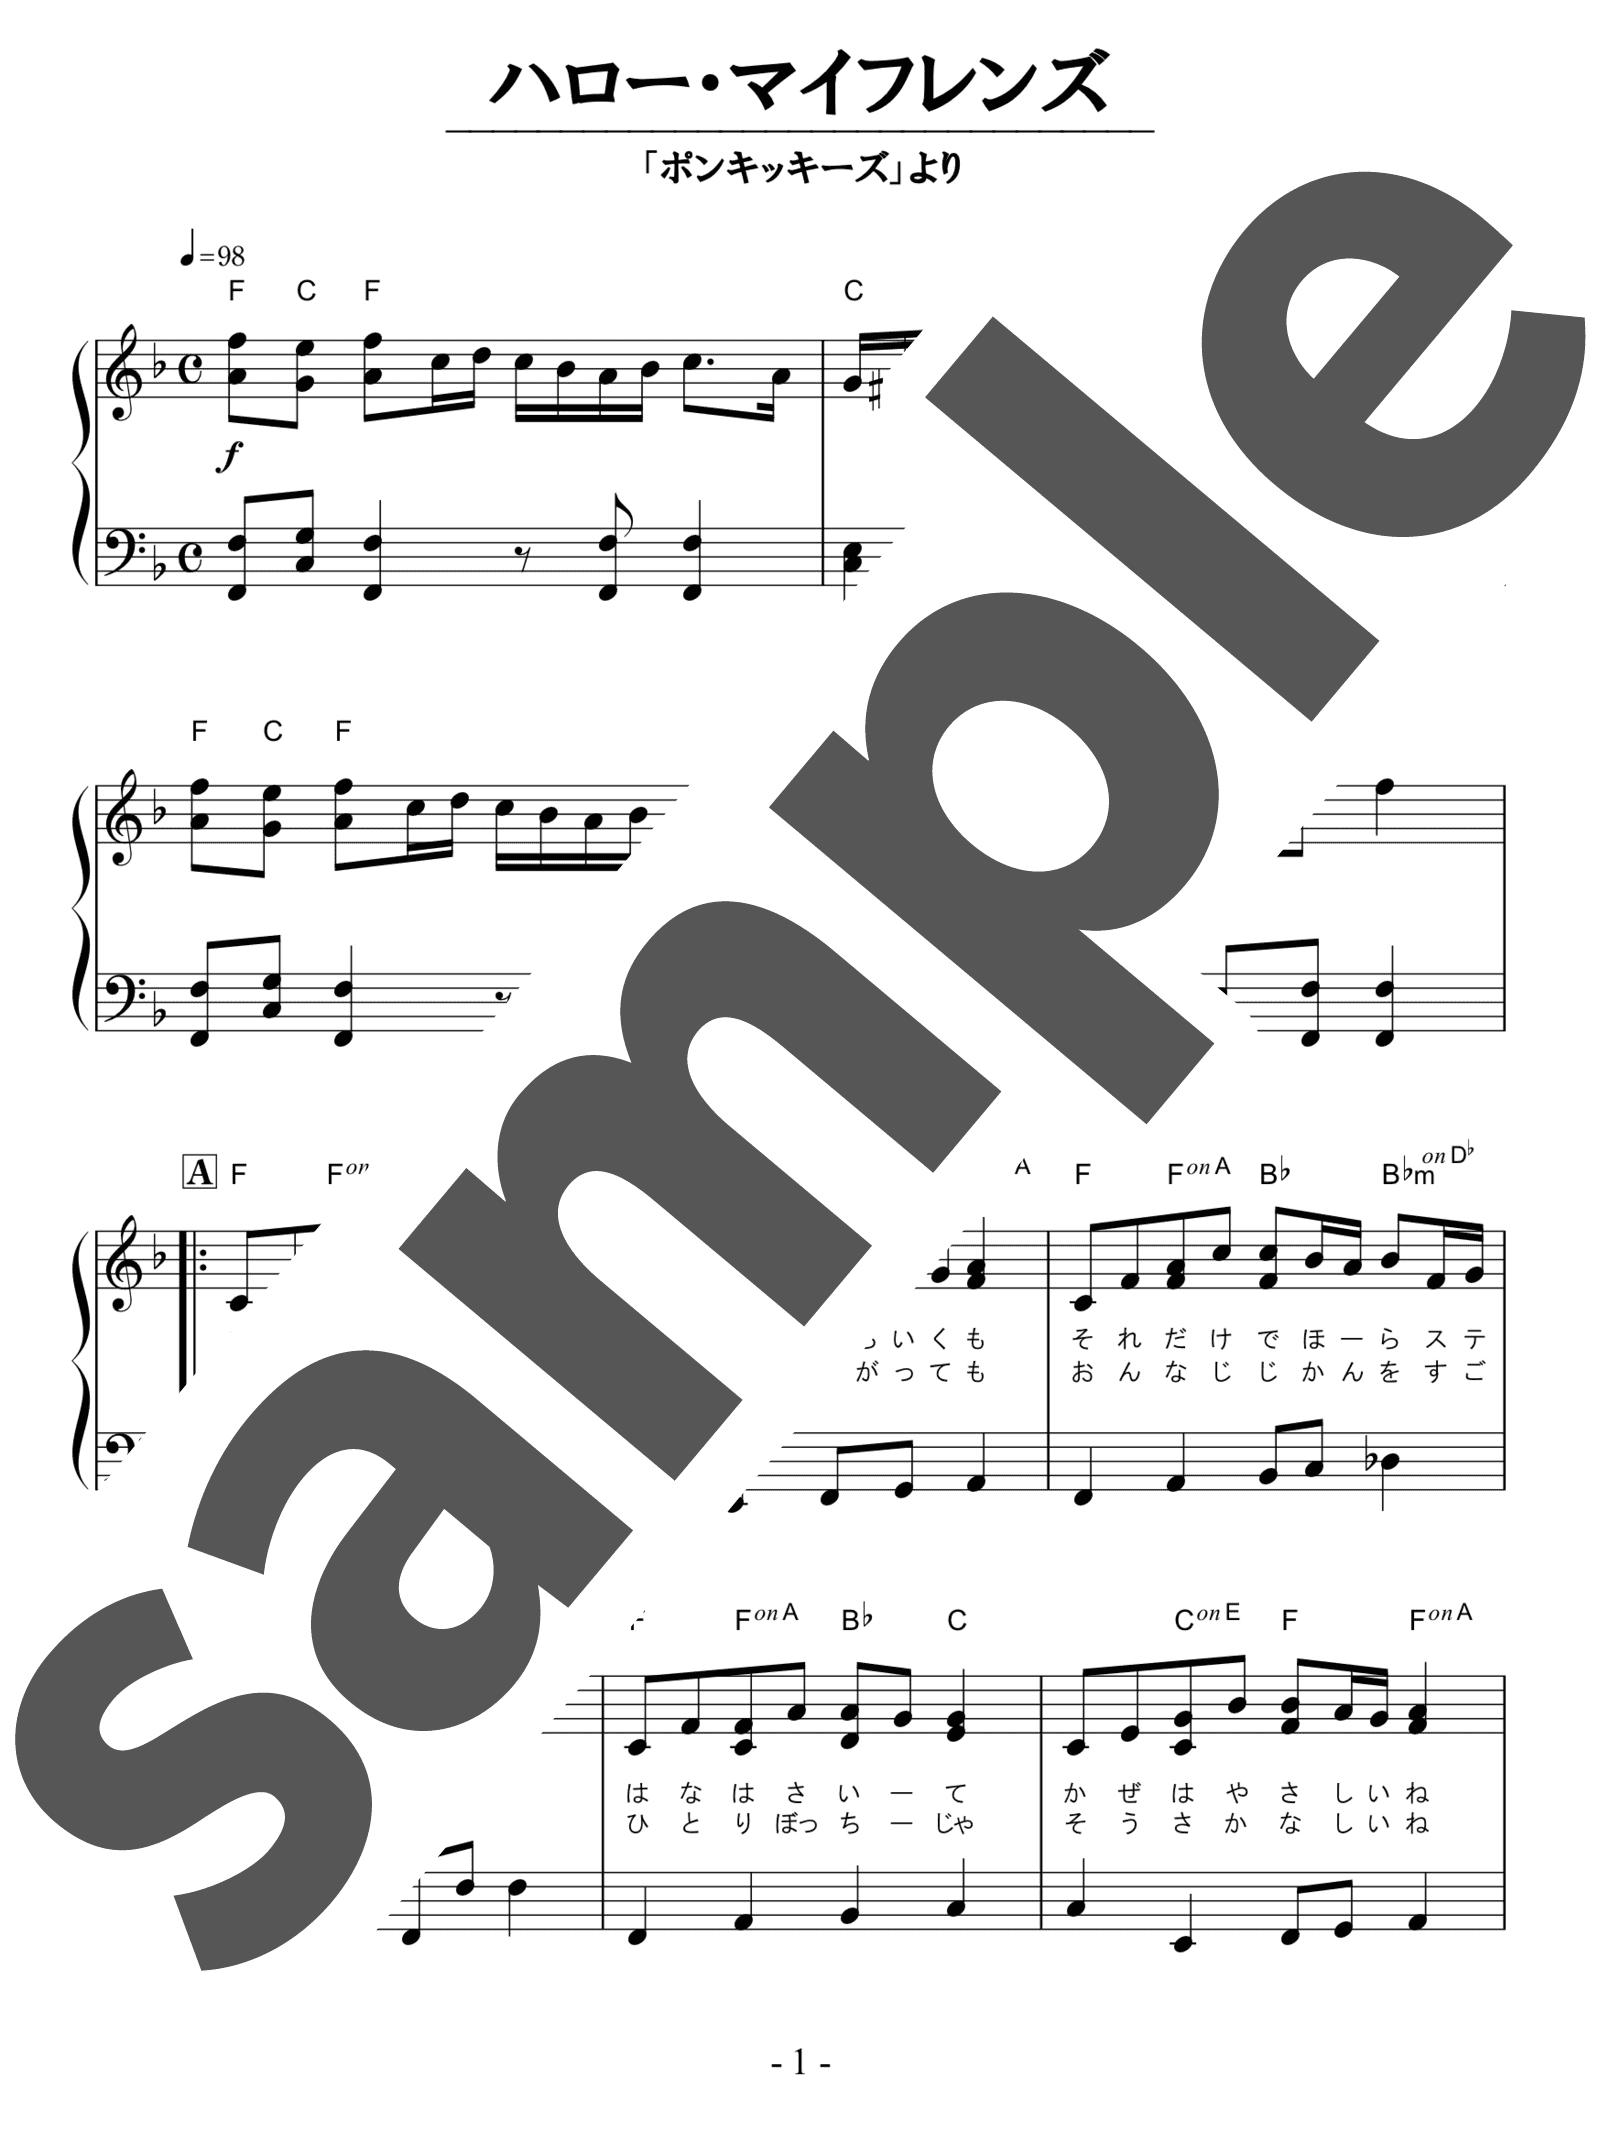 「ハロー・マイフレンズ」のサンプル楽譜